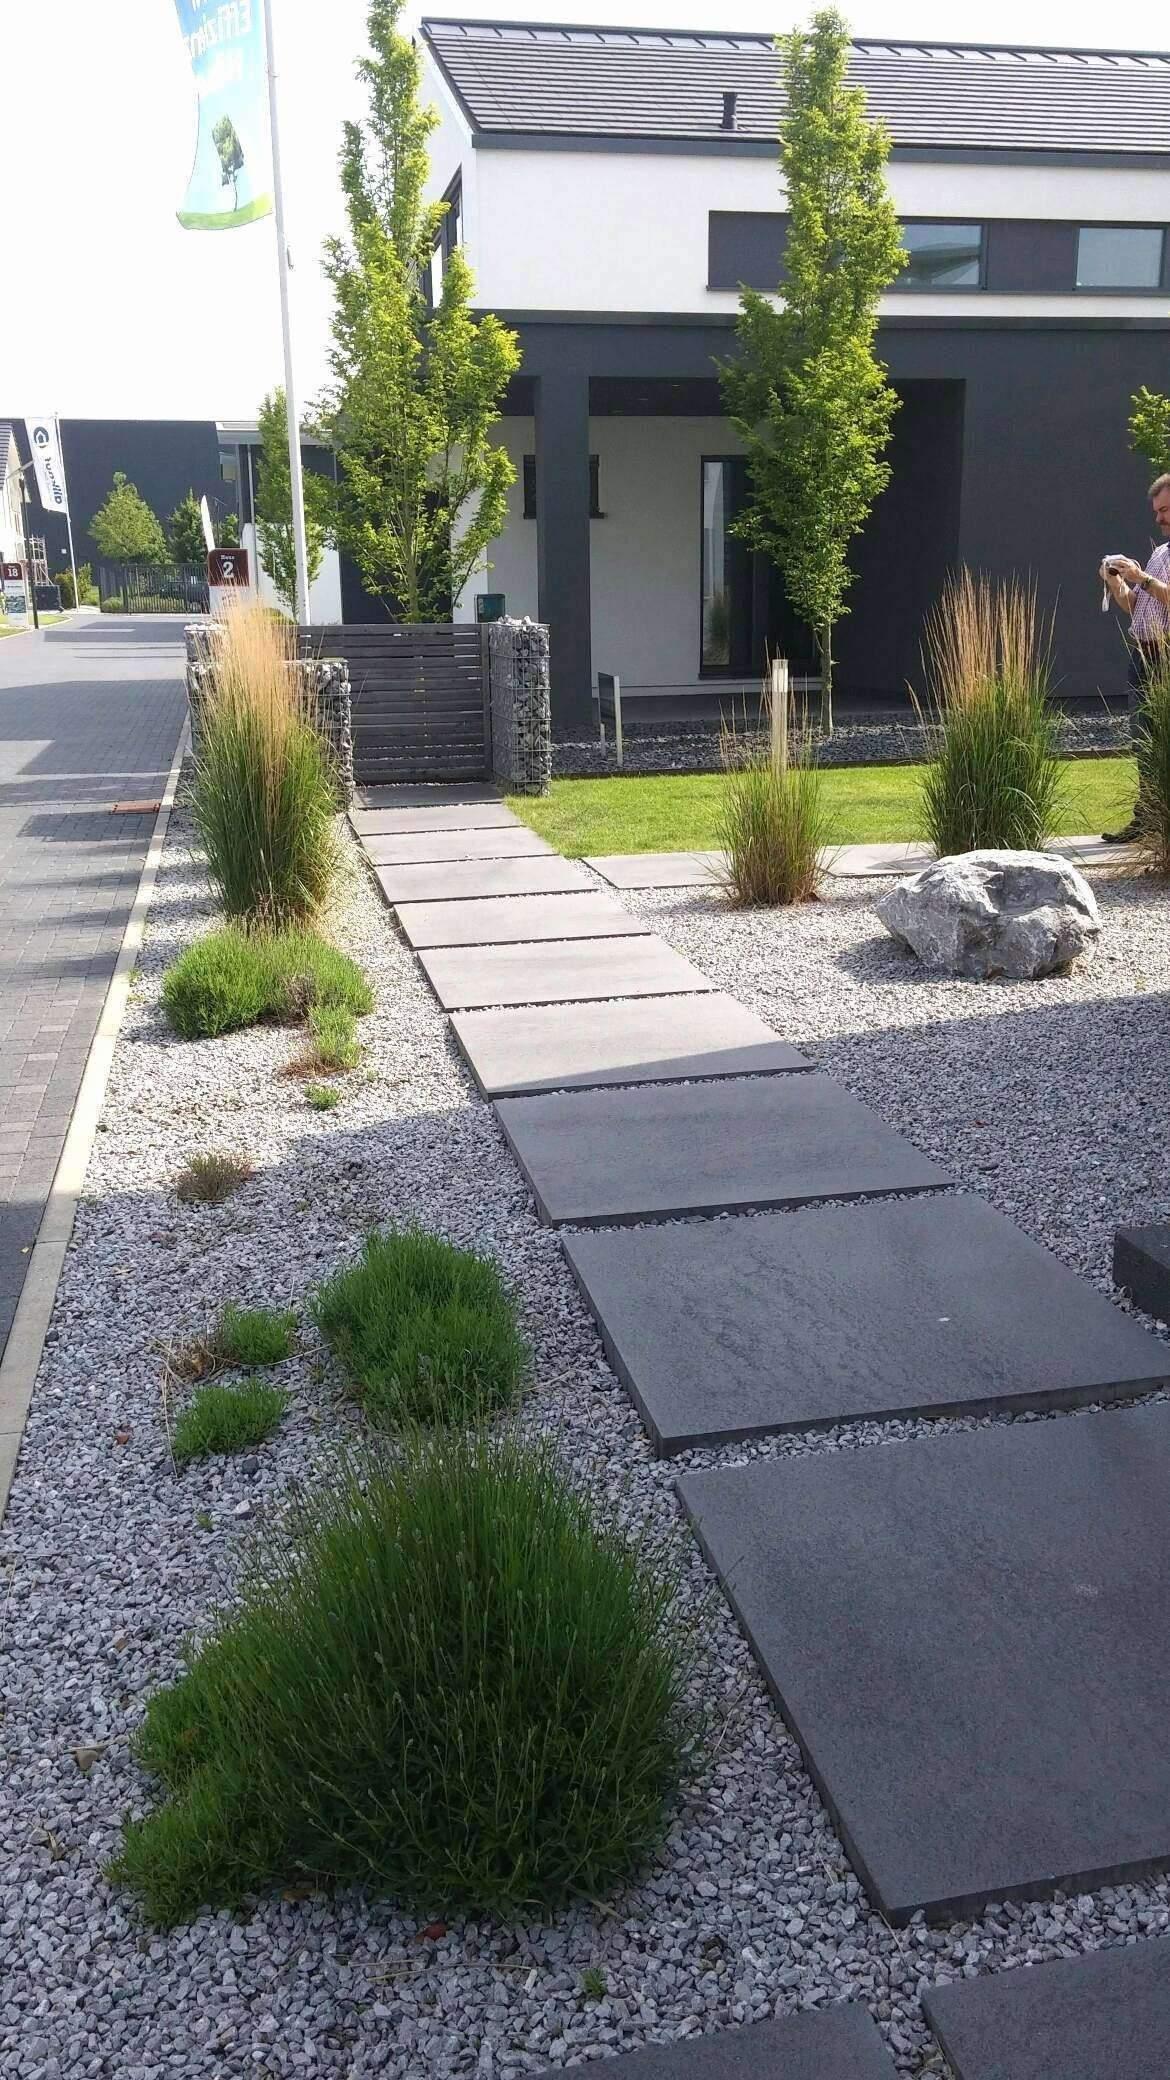 Garten Anlegen Beispiele Neu Garten Ideas Garten Anlegen Lovely Aussenleuchten Garten 0d